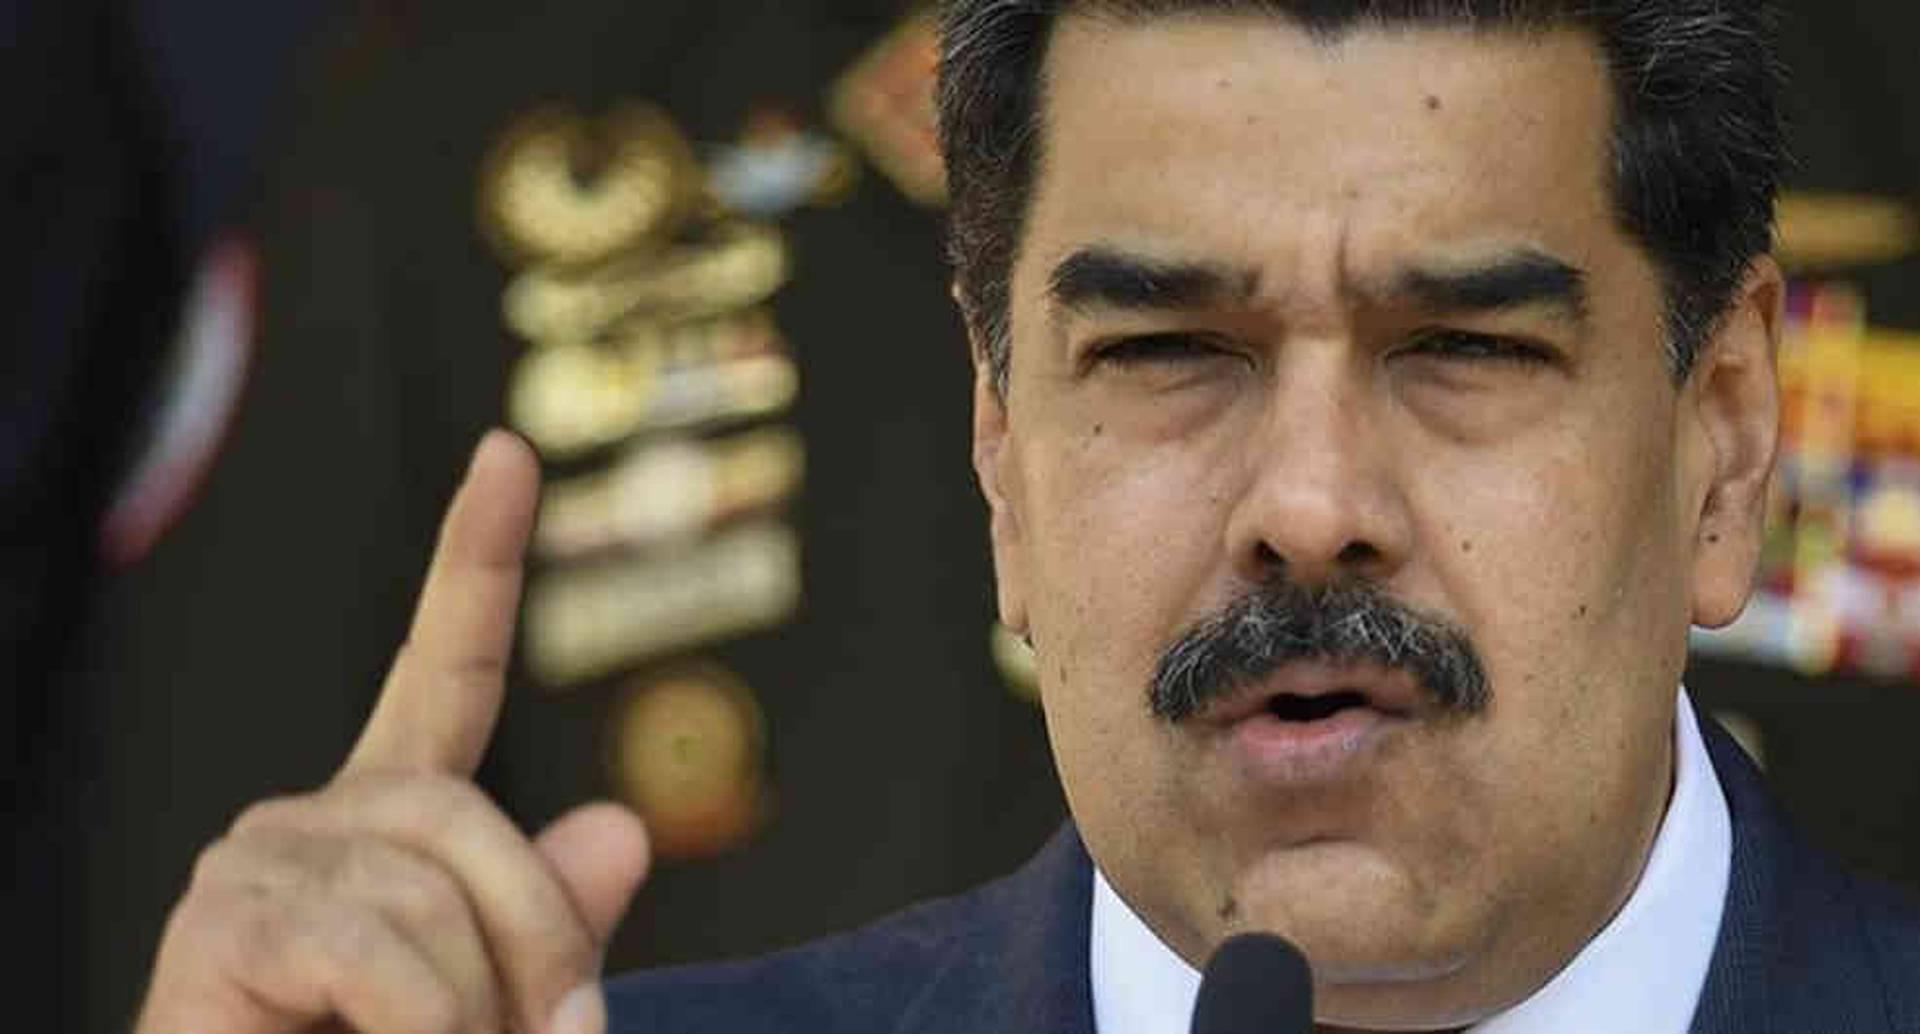 Si Álex Saab es extraditado a Estados Unidos, la información que dé podría poner en aprietos al gobierno de Nicolás Maduro.